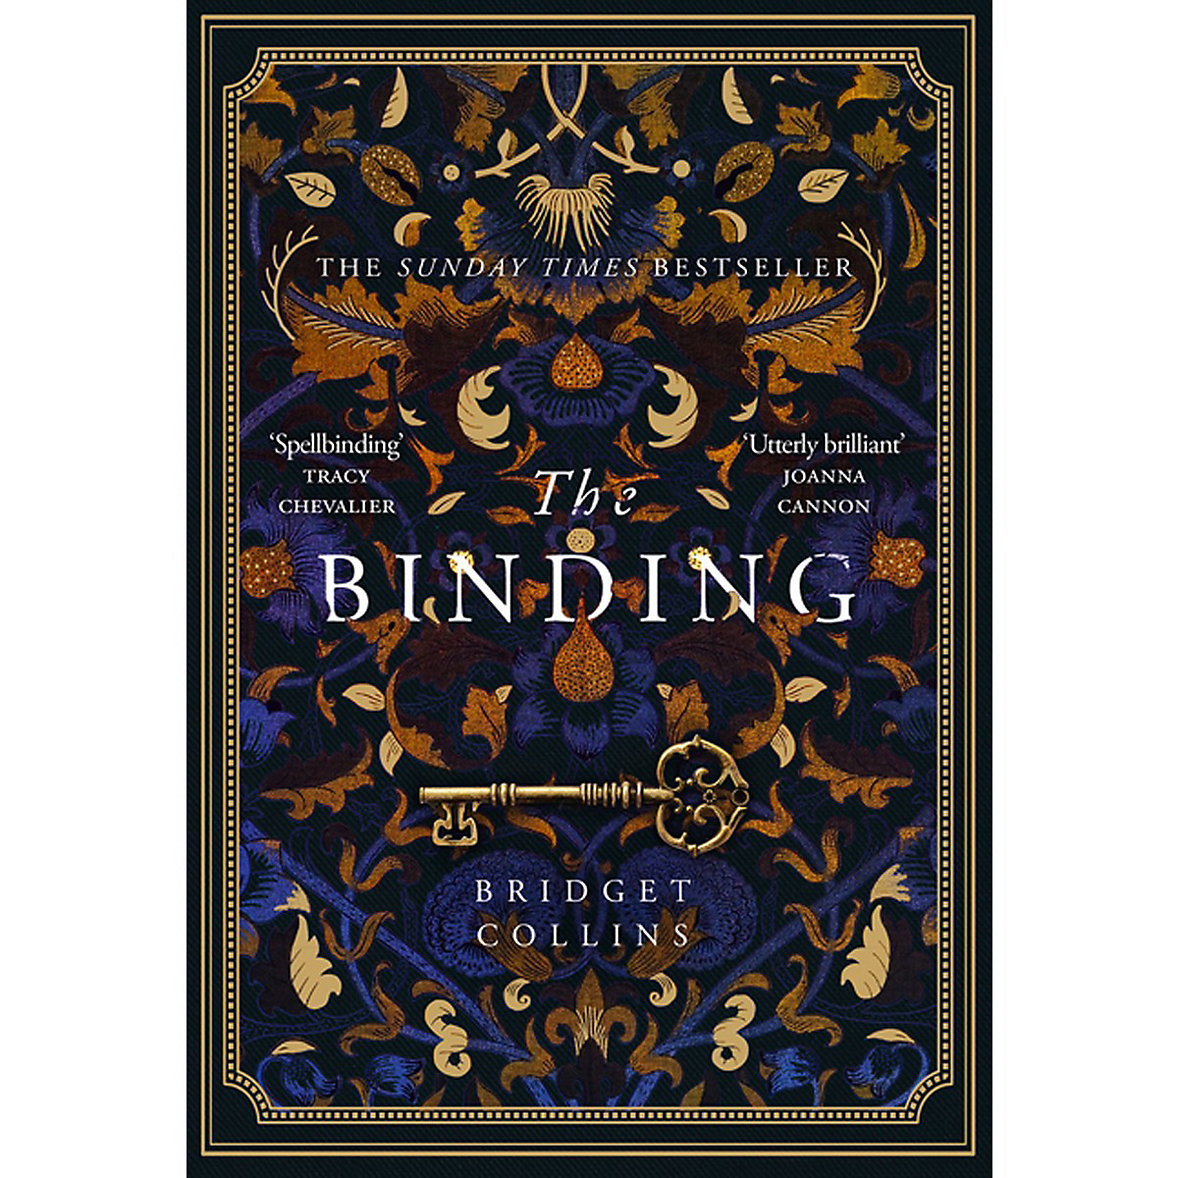 The Binding - Bridget Collins